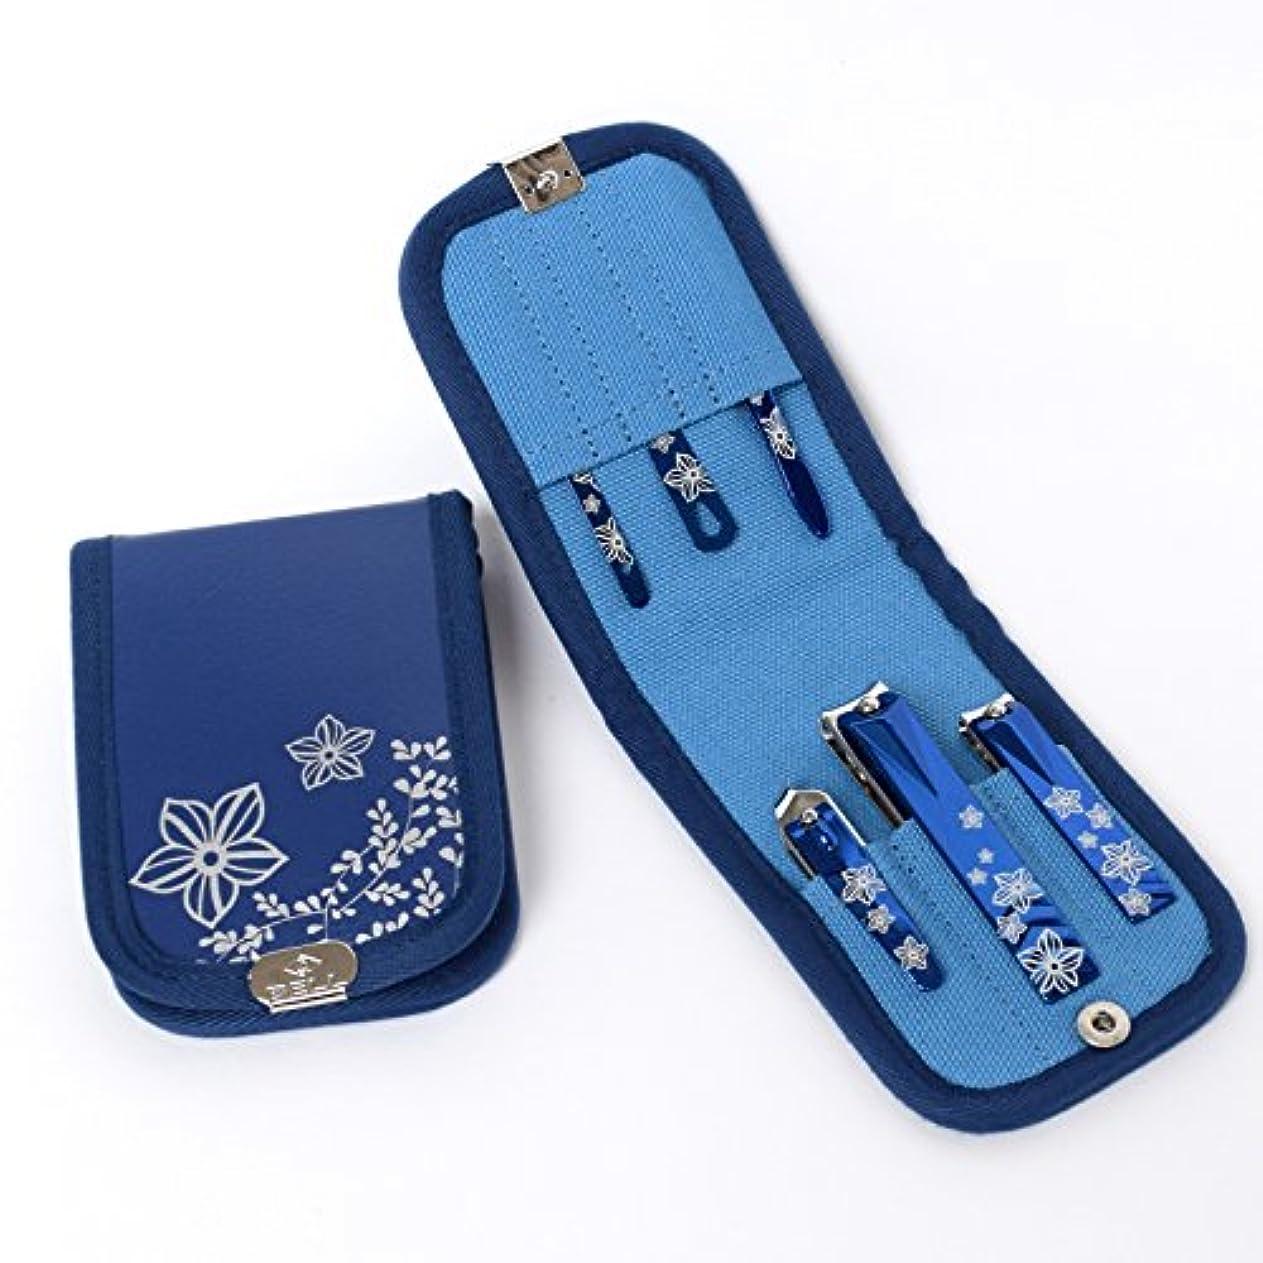 大砲土器陰謀BELL Manicure Sets BM-360 ポータブル爪の管理セット 爪切りセット 高品質のネイルケアセット高級感のある東洋画のデザイン Portable Nail Clippers Nail Care Set